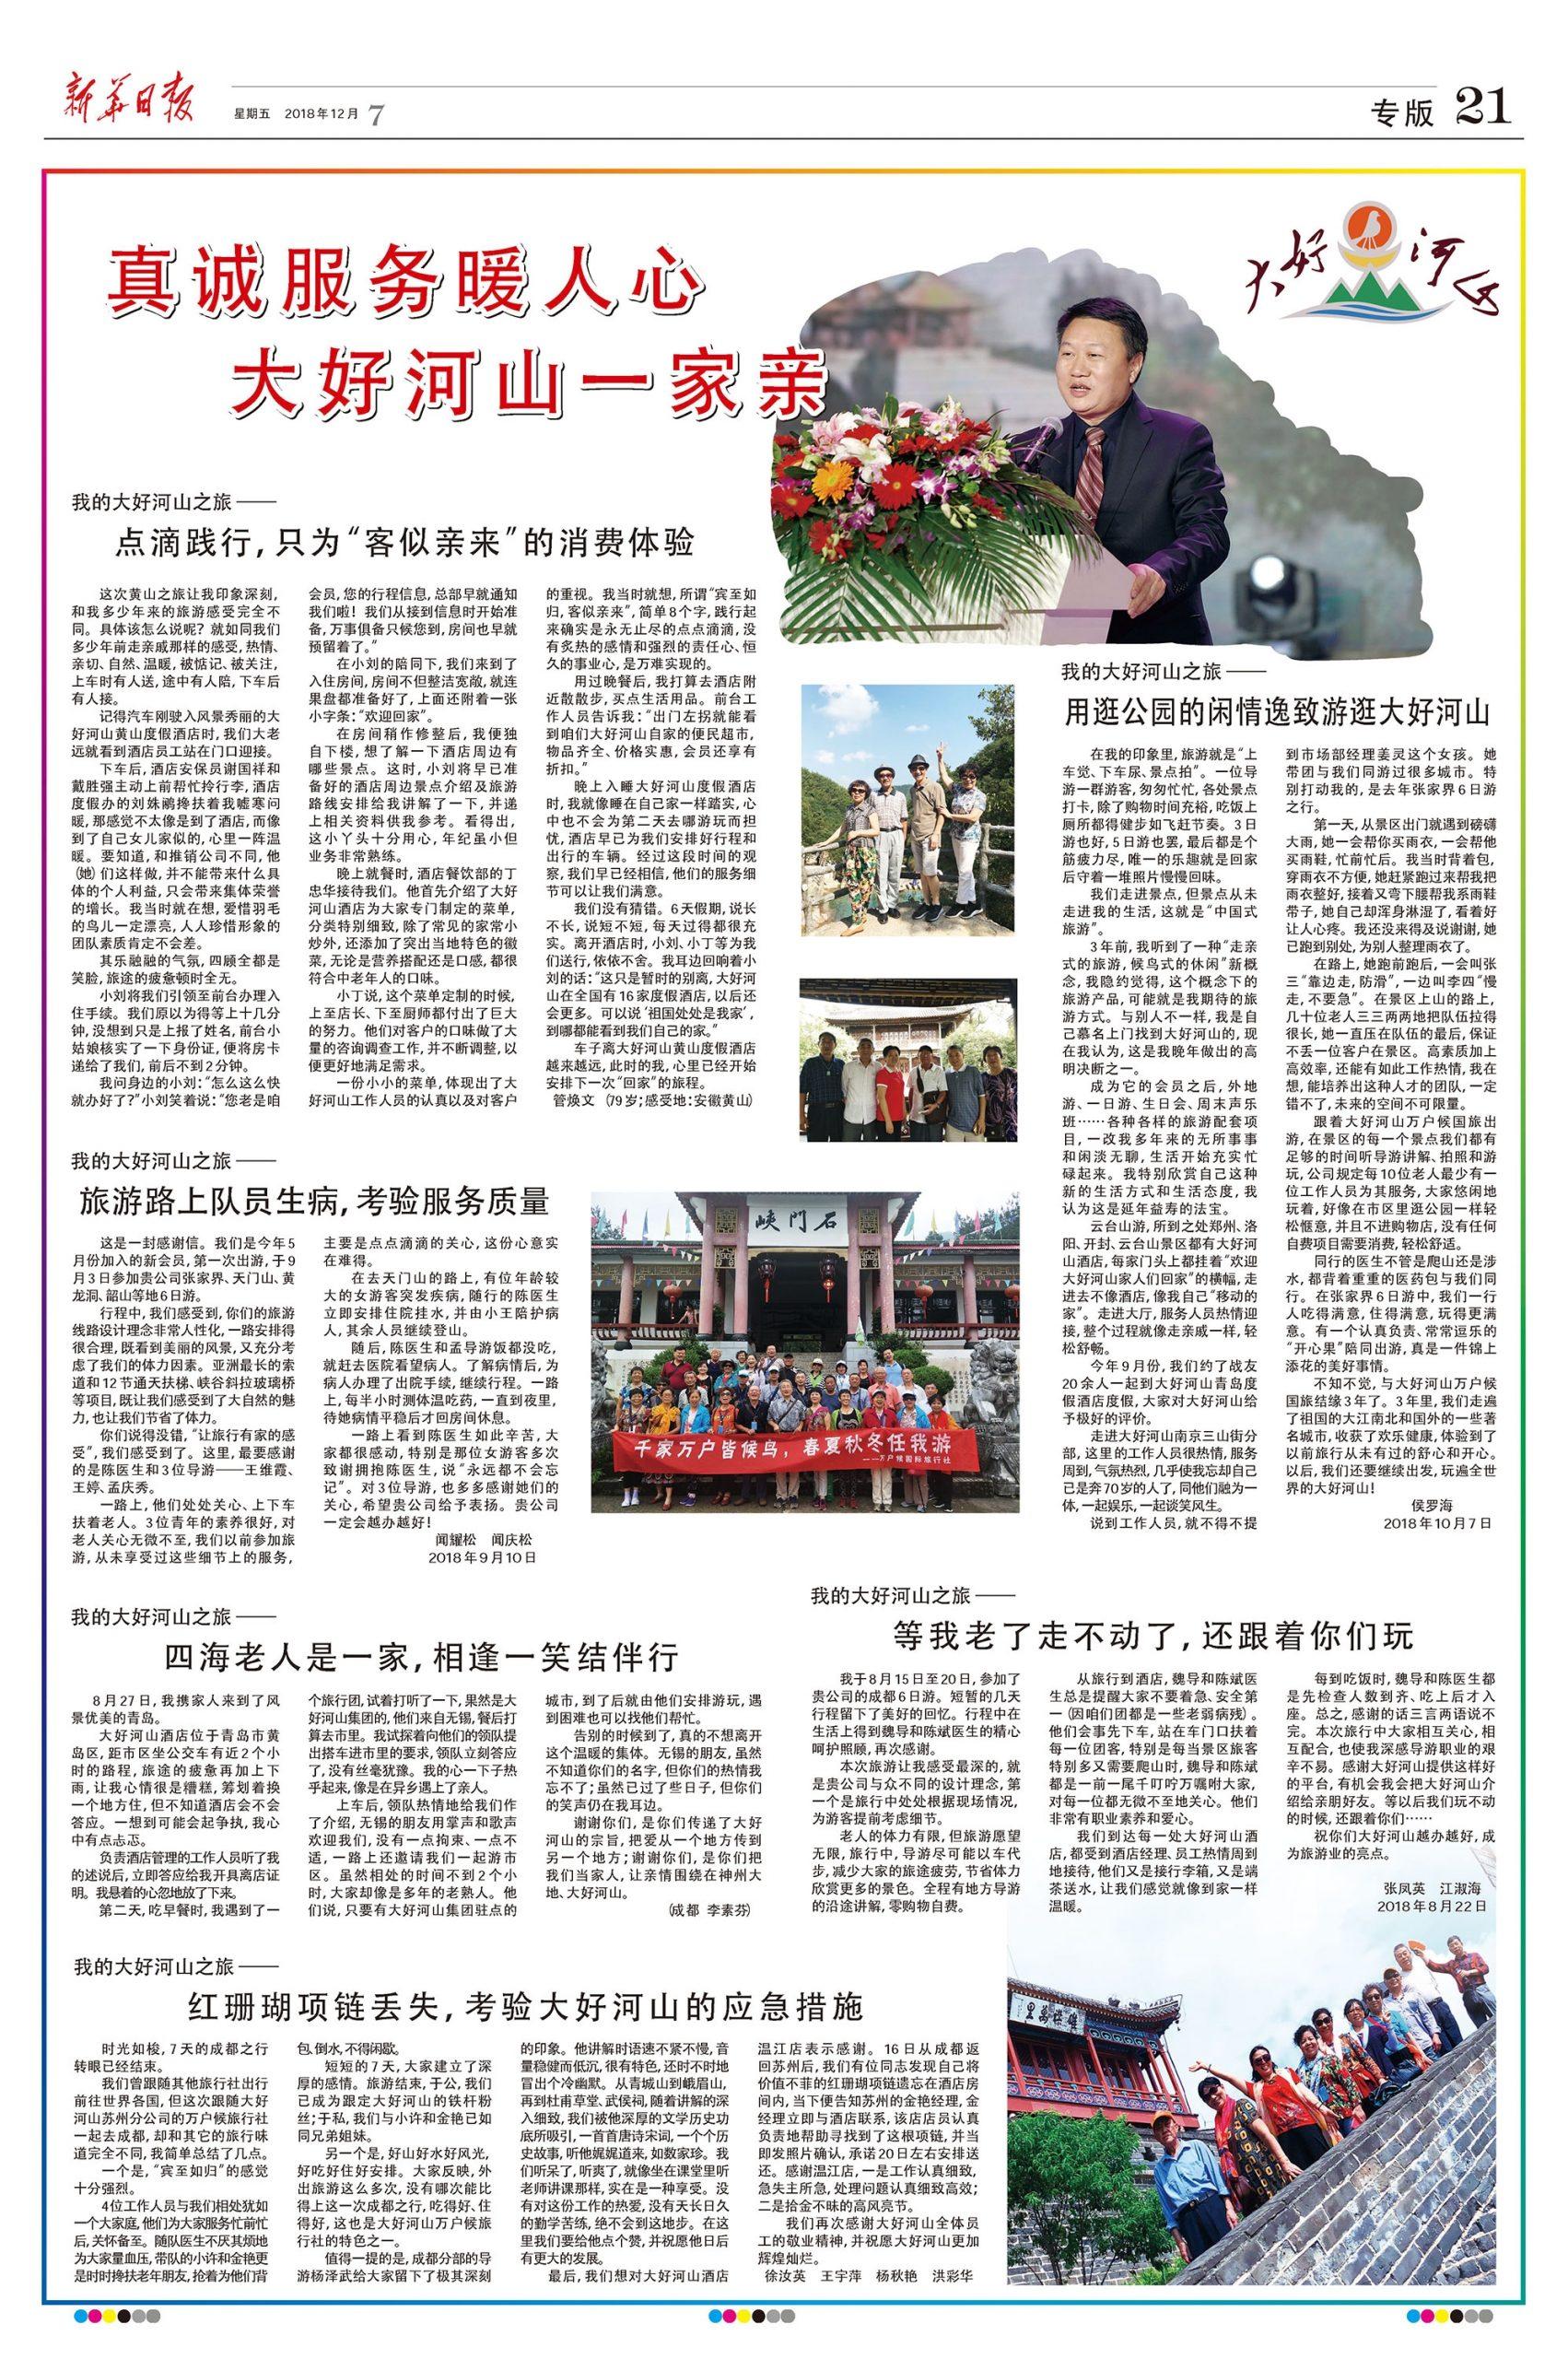 新华日报 2018-12-07 专版21